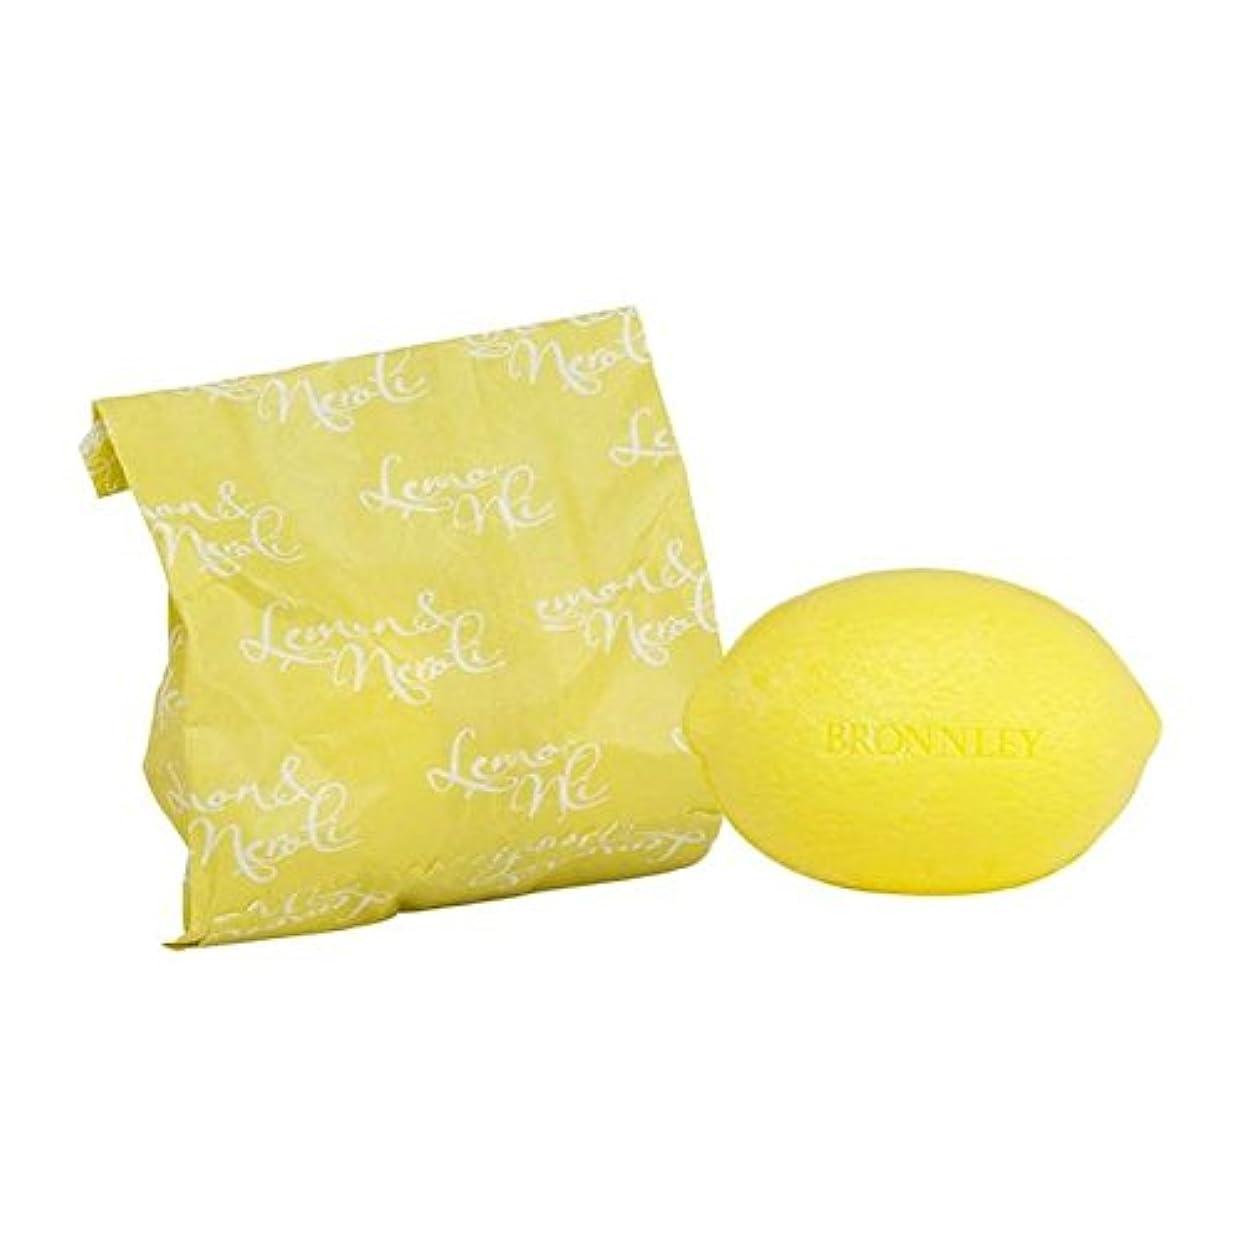 楽しませる機知に富んだ絵Bronnley Lemon & Neroli Soap 100g - レモン&ネロリ石鹸100グラム [並行輸入品]